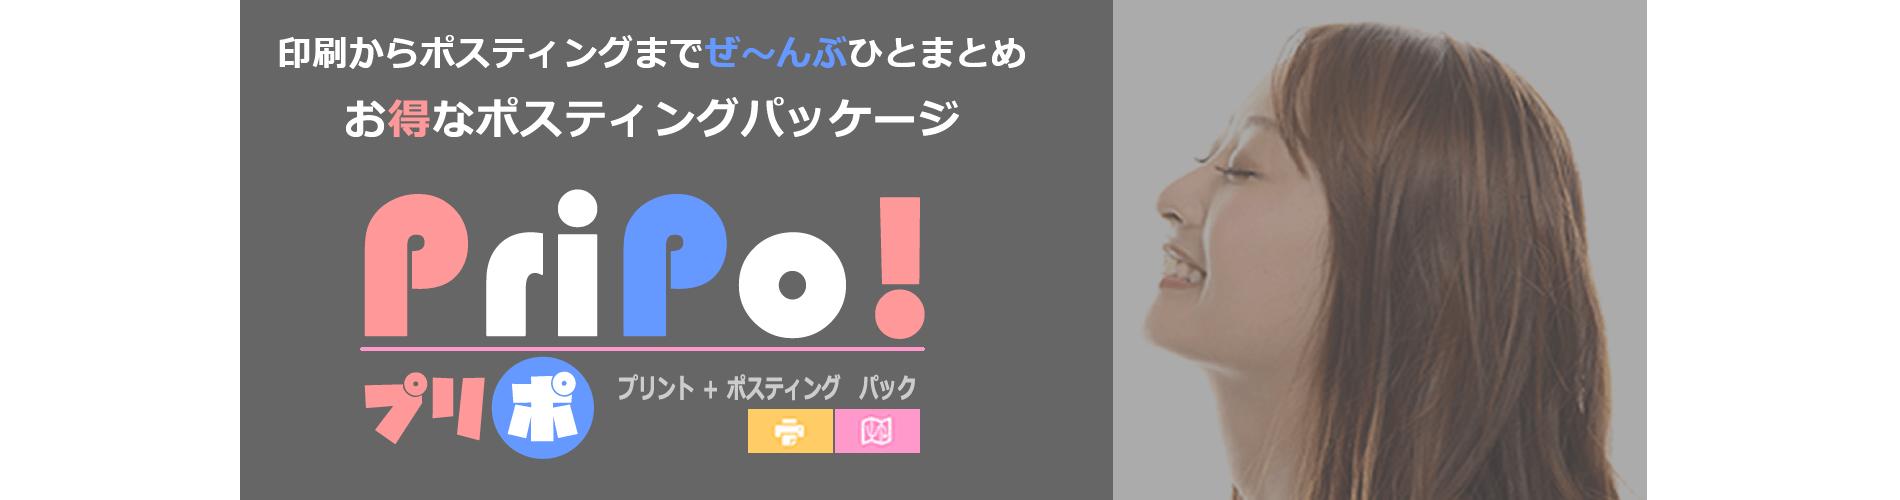 プリポ!【印刷+ポスティングパック】 | 福岡のポスティング会社だからできるお得なプロモーション・パッケージ